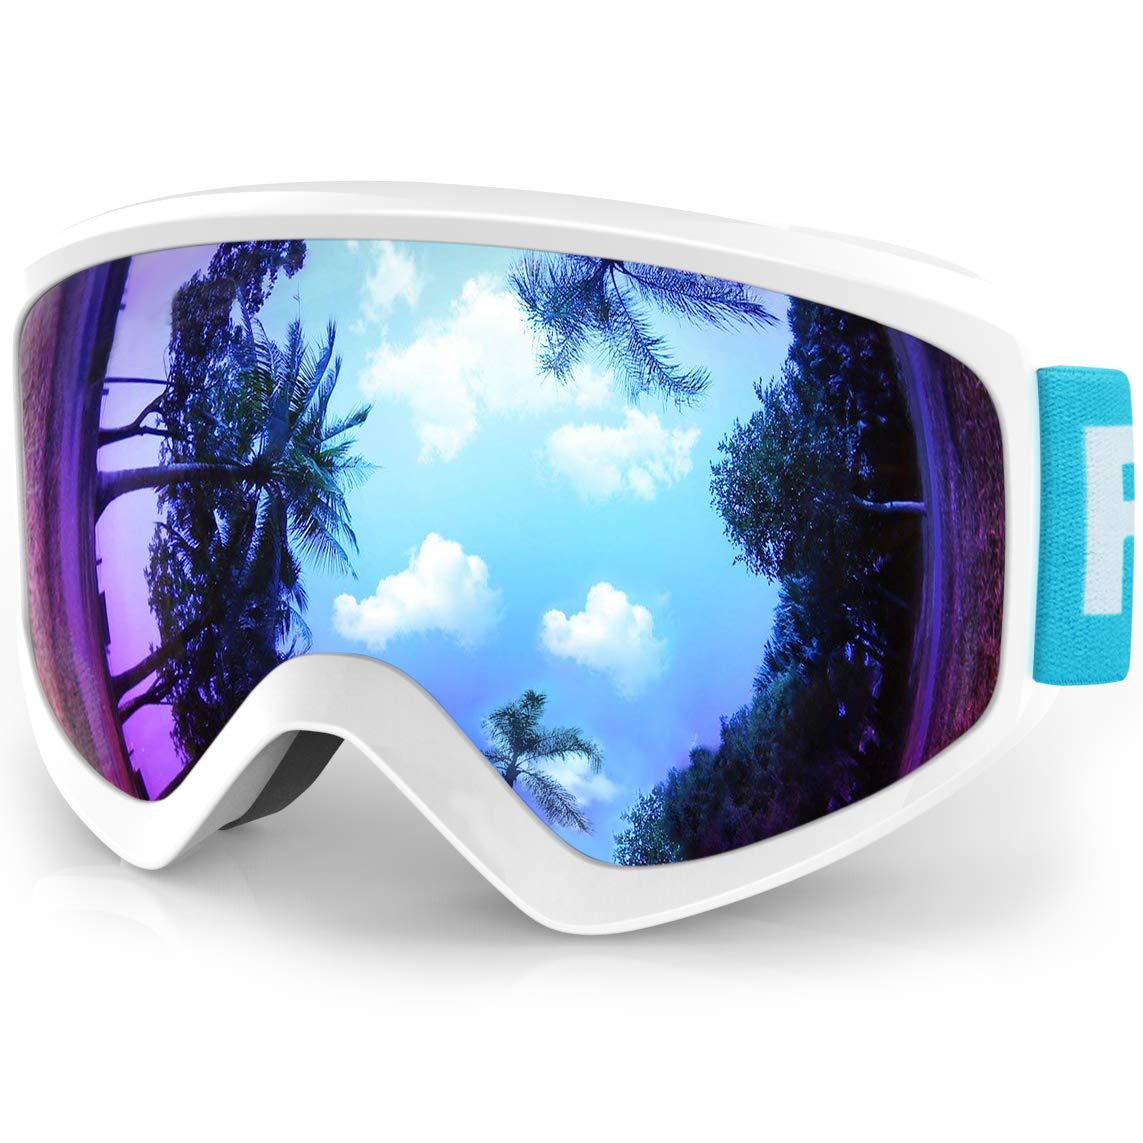 Findway Gafas Esqui Niño Mascara Esqui Niño Gafas de Esqui Niño Niña OTG Ajustable para Niños Anti-Niebla Protección UV Compatible con Casco para Esquiar Snowboard Deportes de Invierno product image